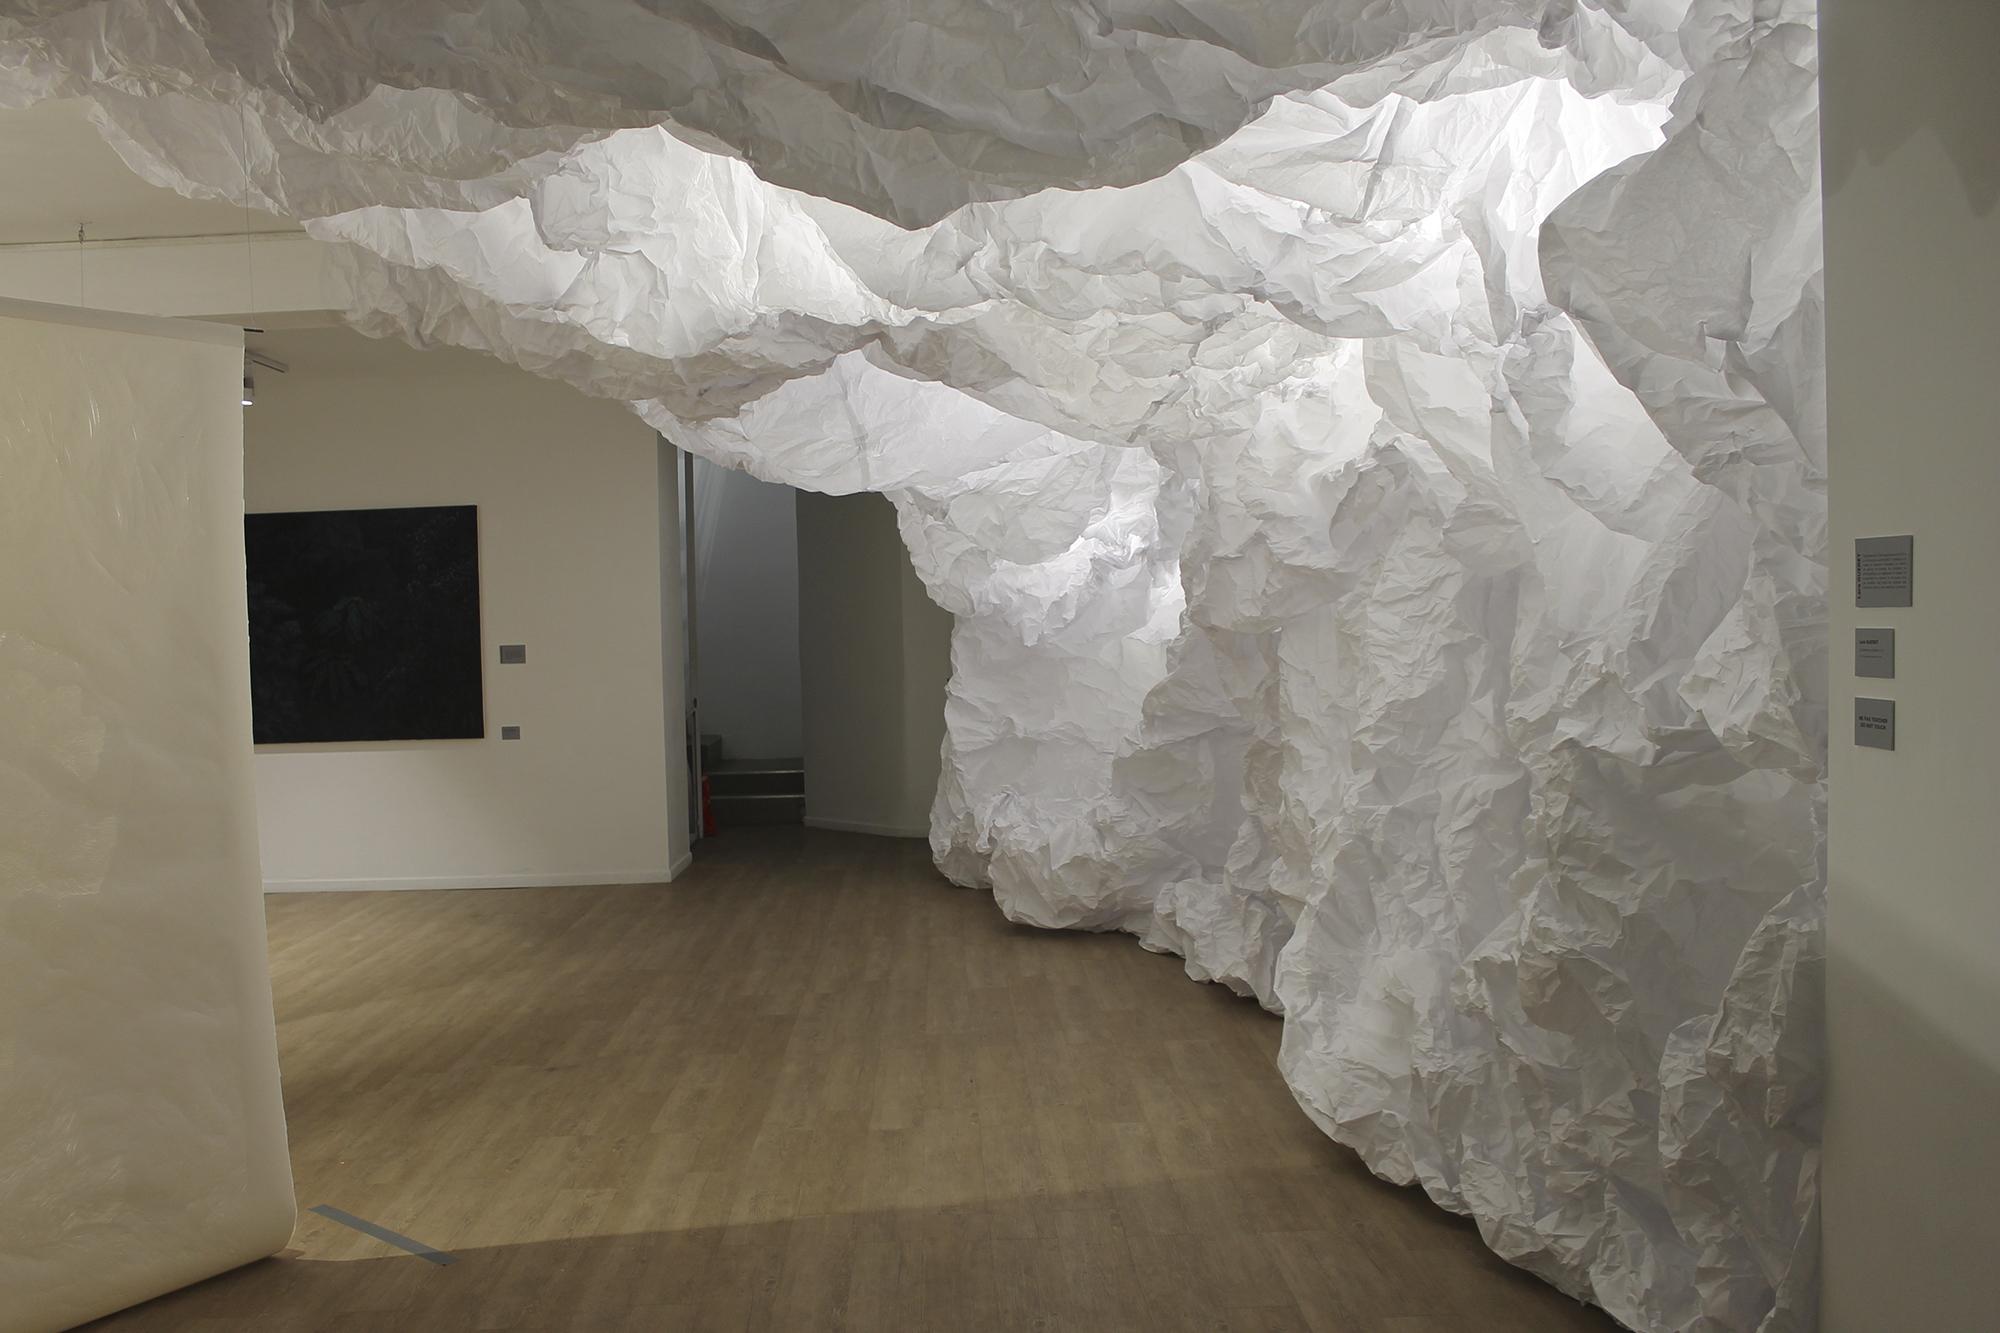 Le Dedans et le Dehors (I), 170m2 de papier froissé, Centre Artasia, Paris 1er, 2017 72dpi